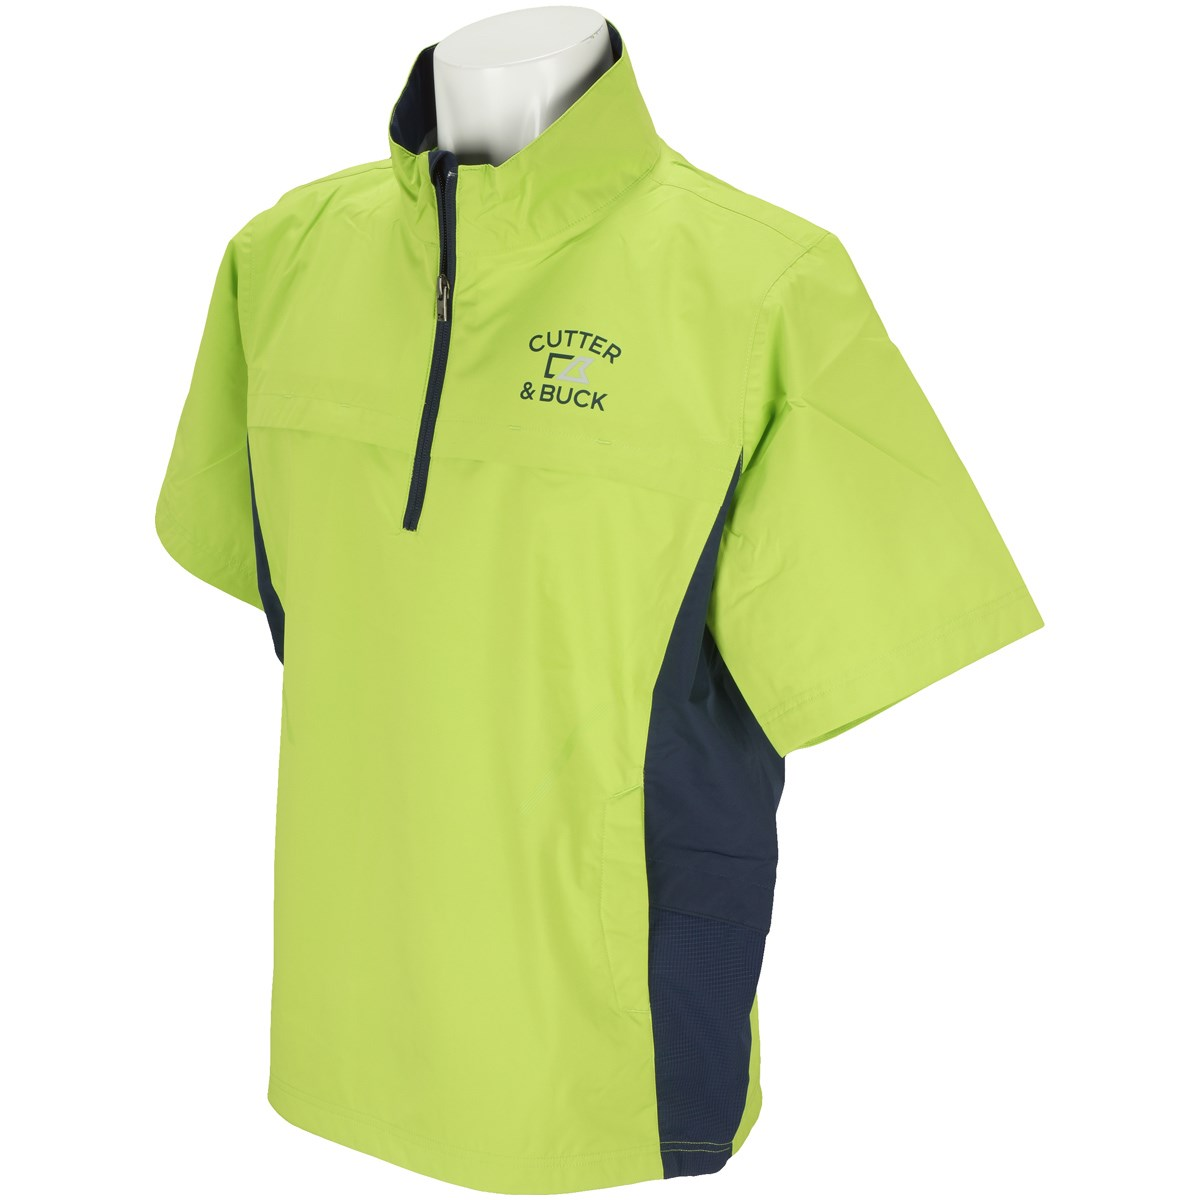 カッター&バック ストレッチ 半袖ウォータプルーフジャケット